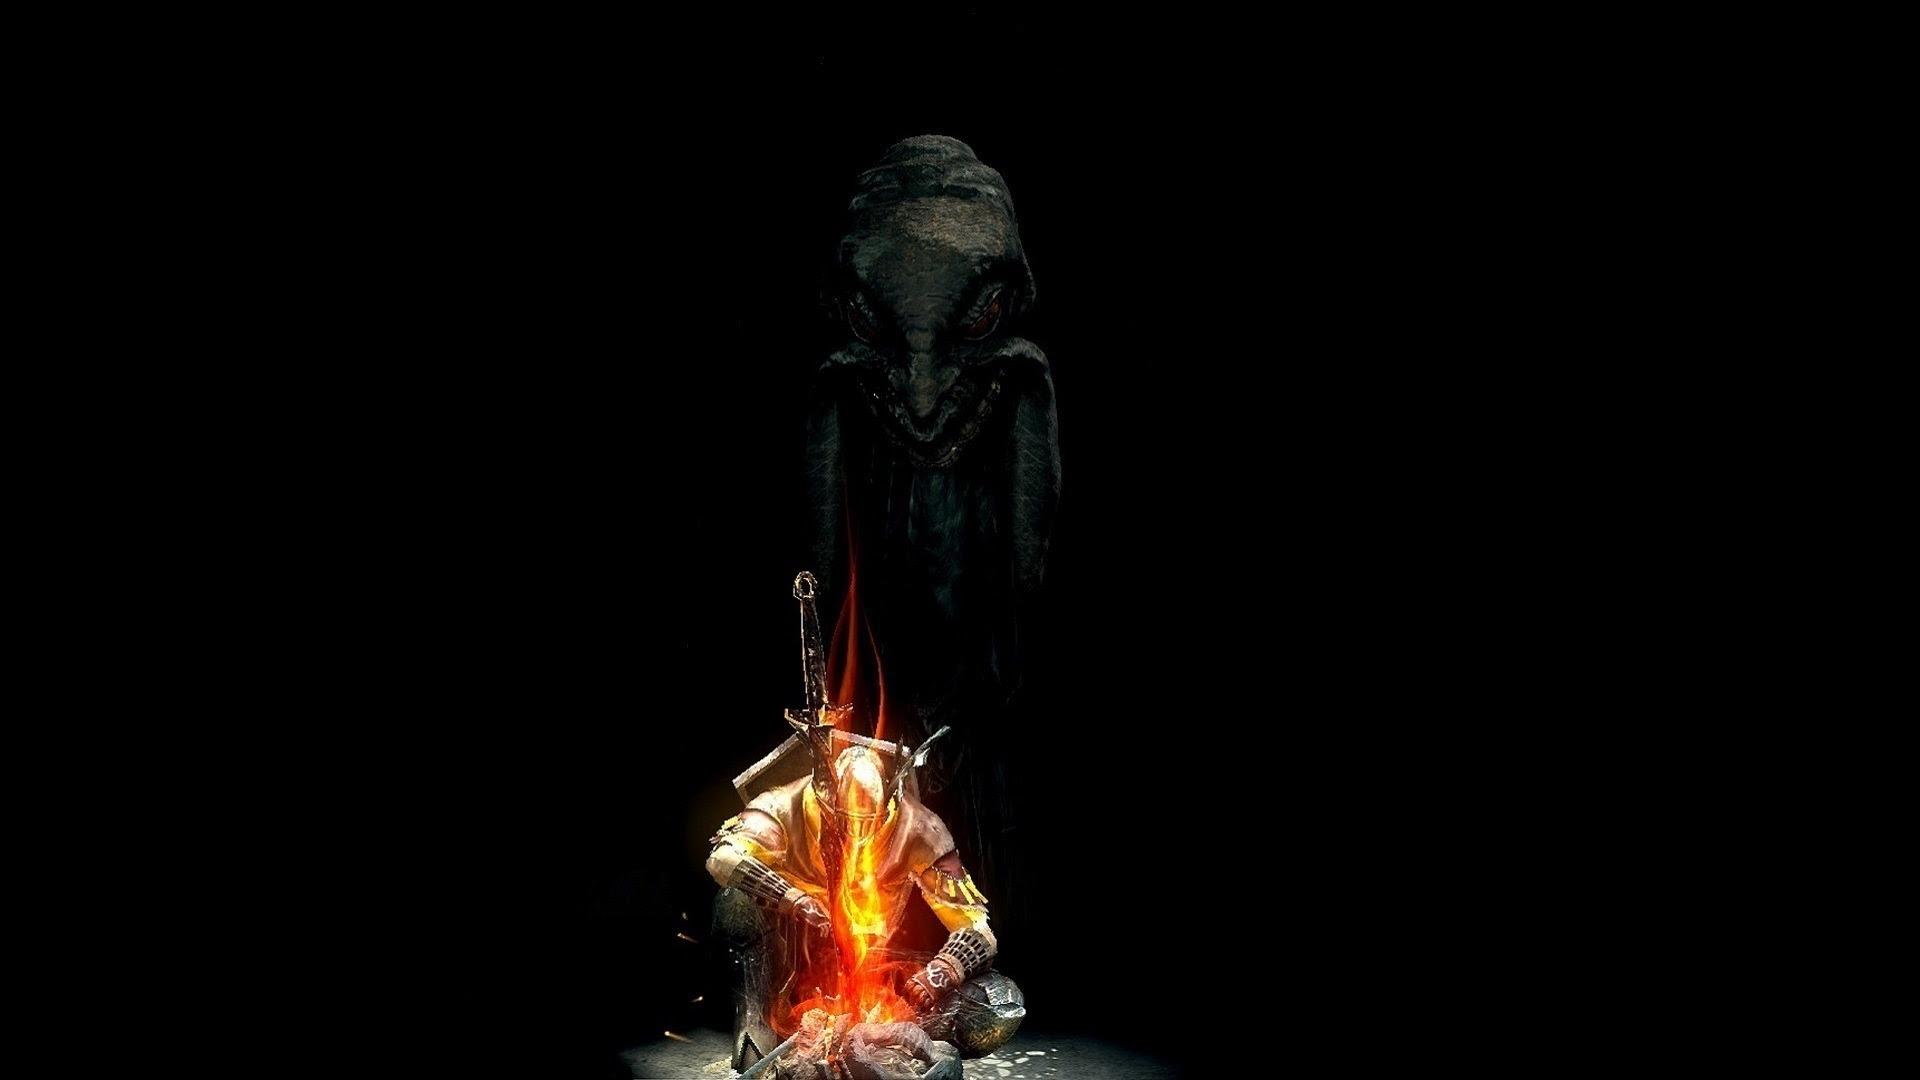 Dark Souls Hd Backgrounds Abyss Bonfire Darksouls